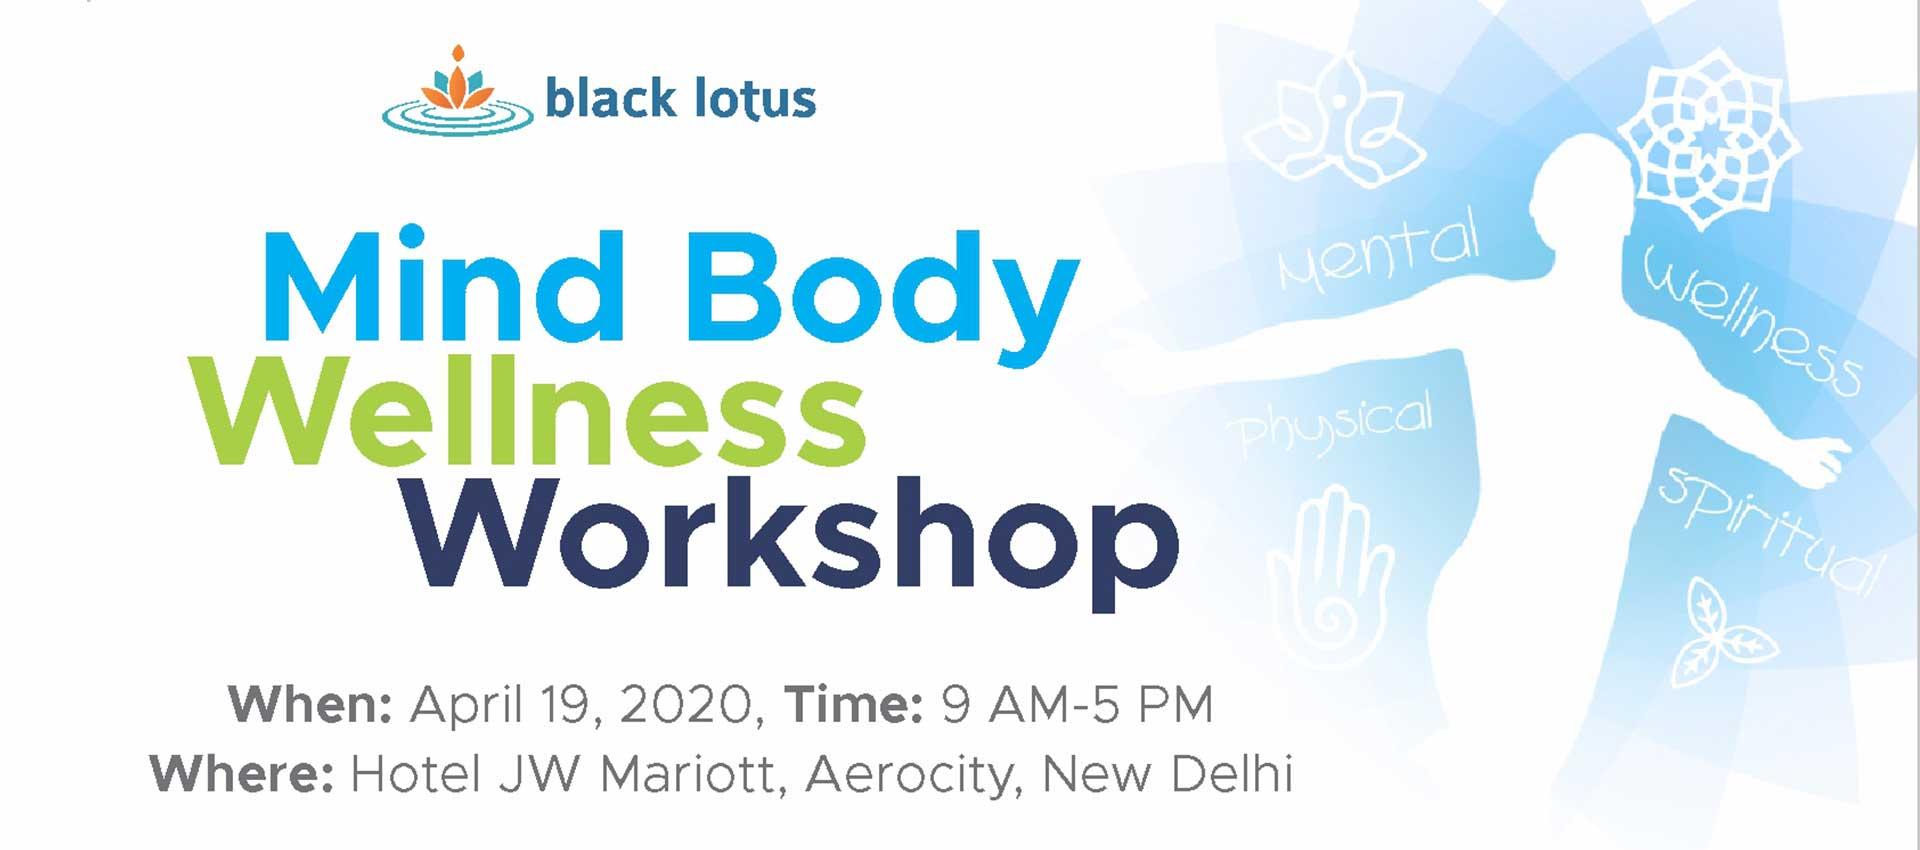 black-otus-ellness-event-banner-3